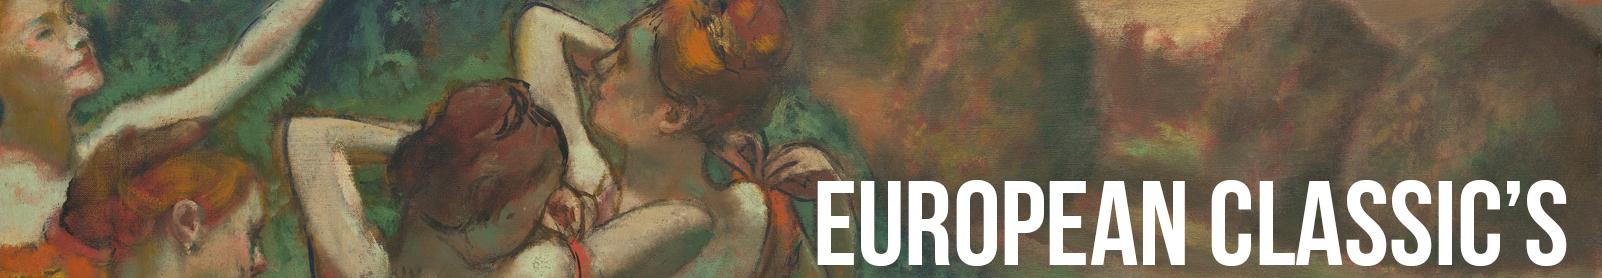 european-classics-small-banner.jpg